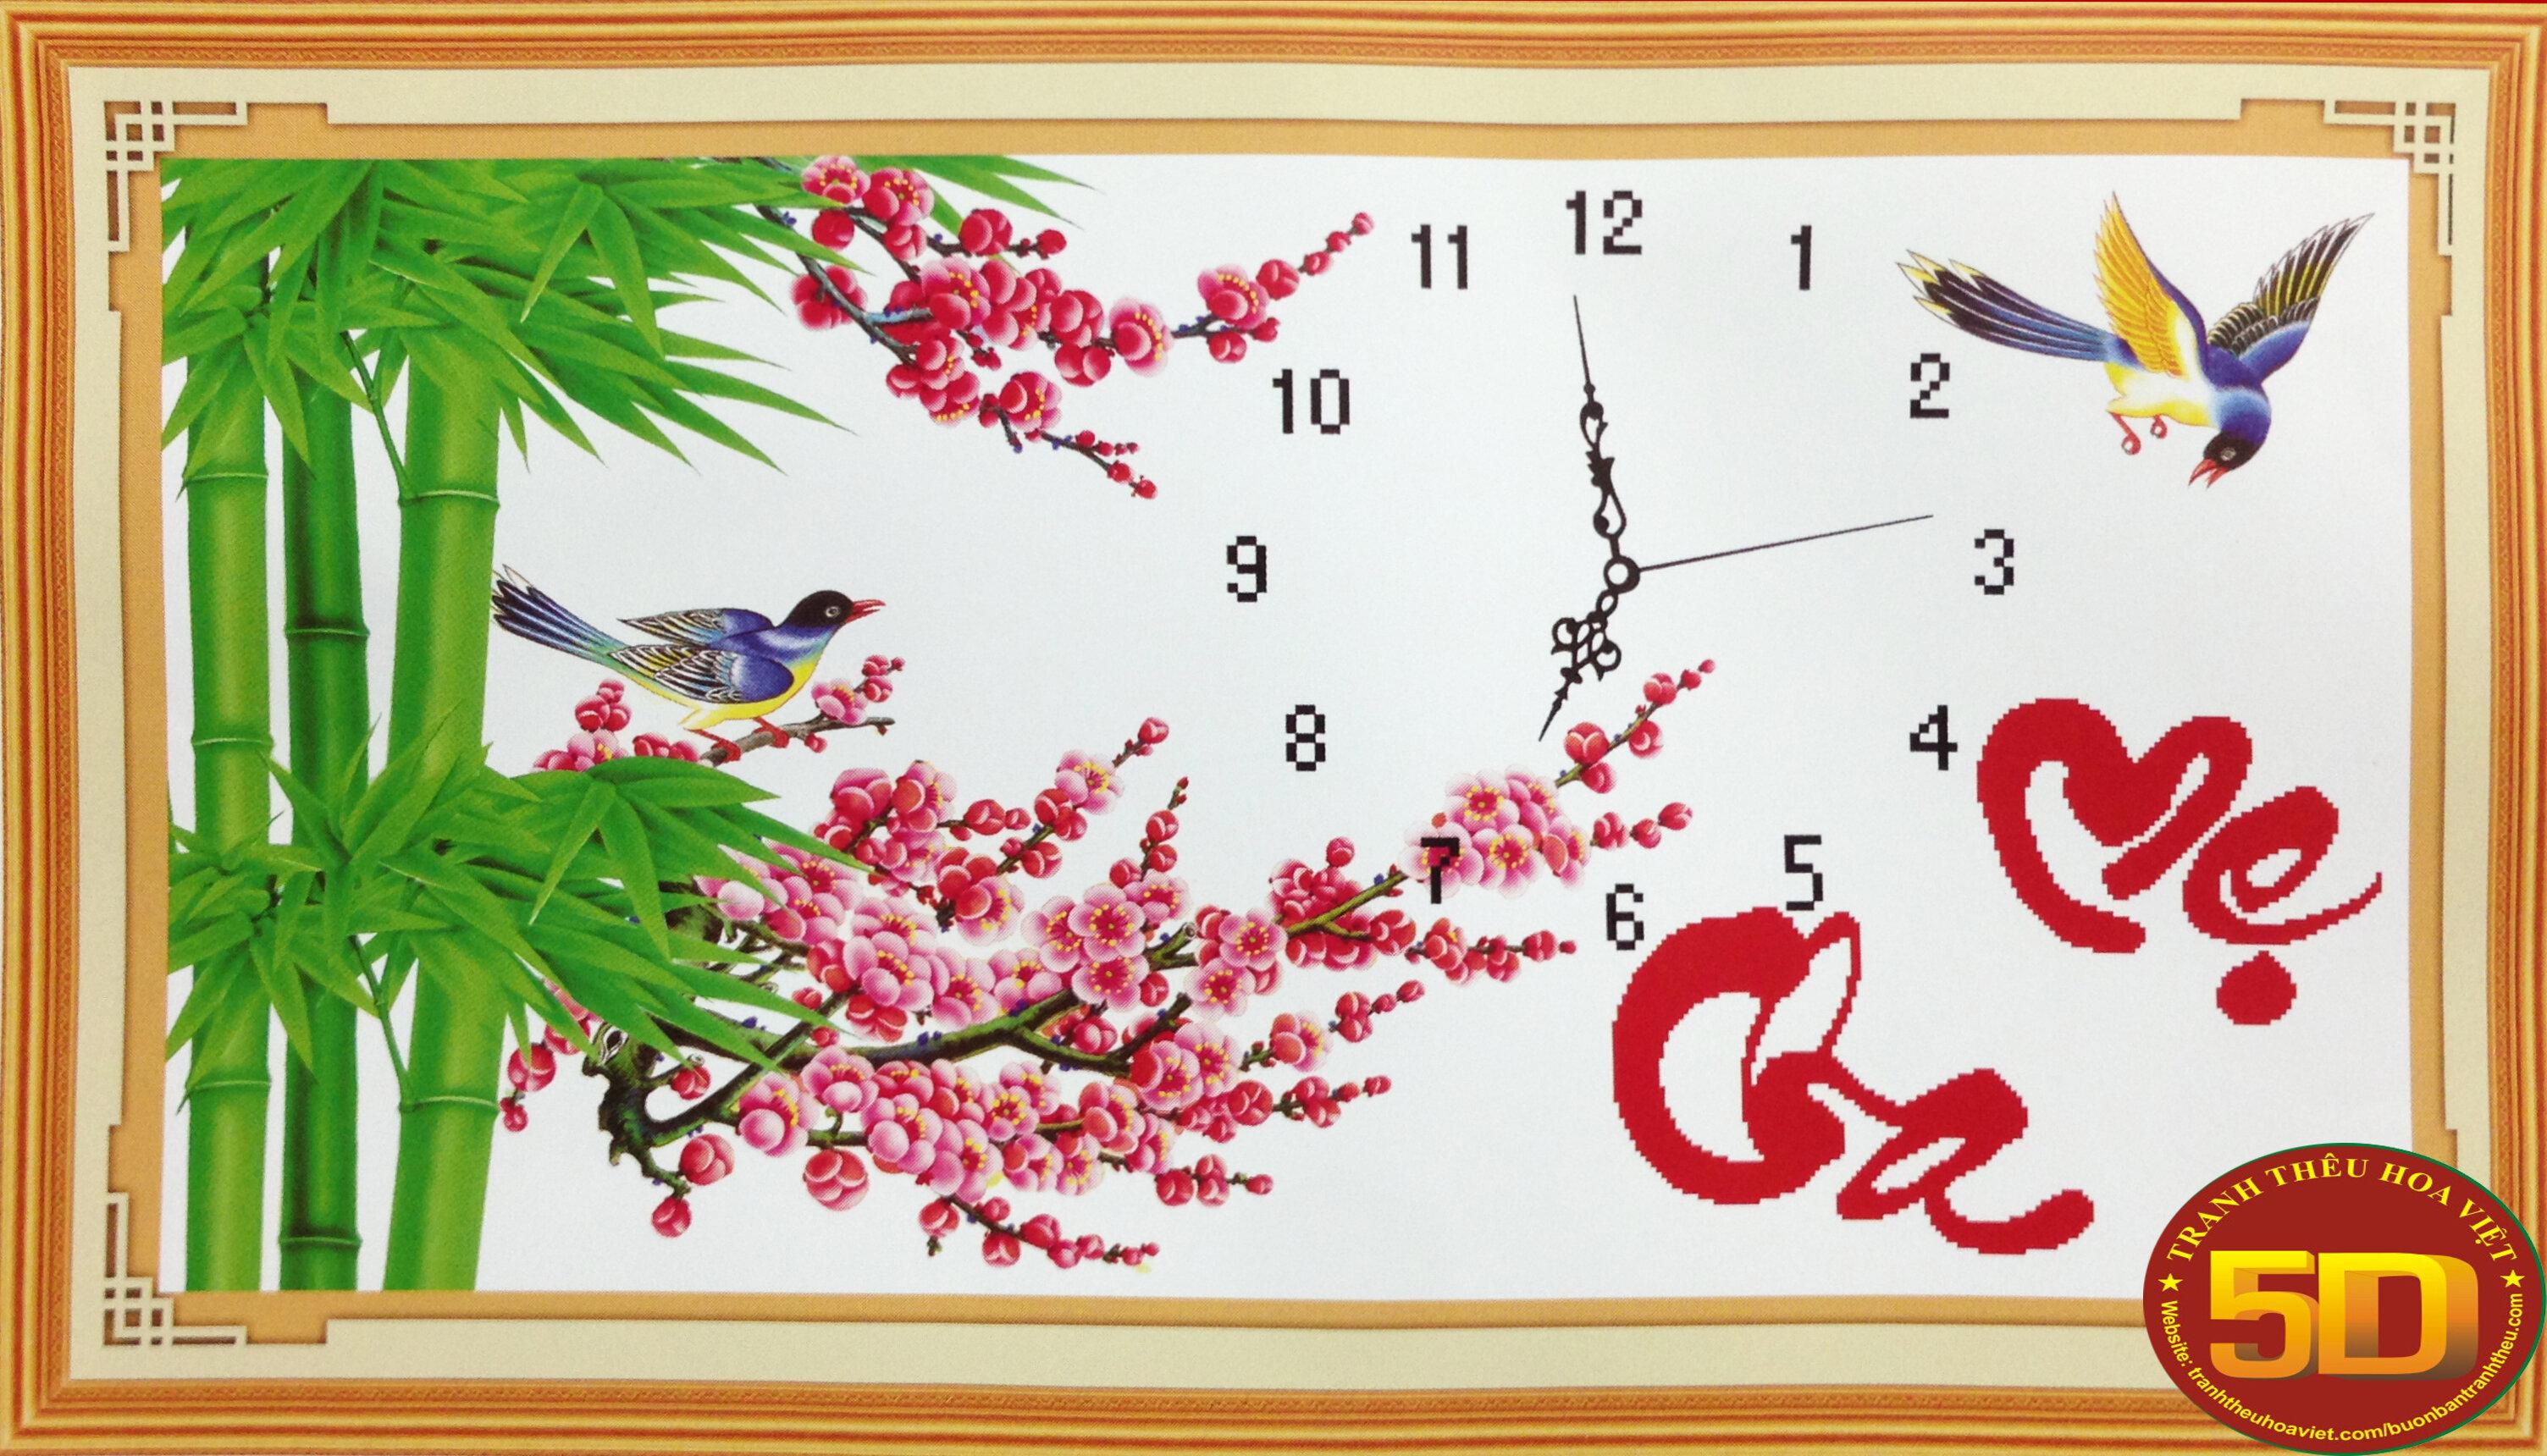 Tranh thêu đồng hồ cha mẹ - DLH-222649